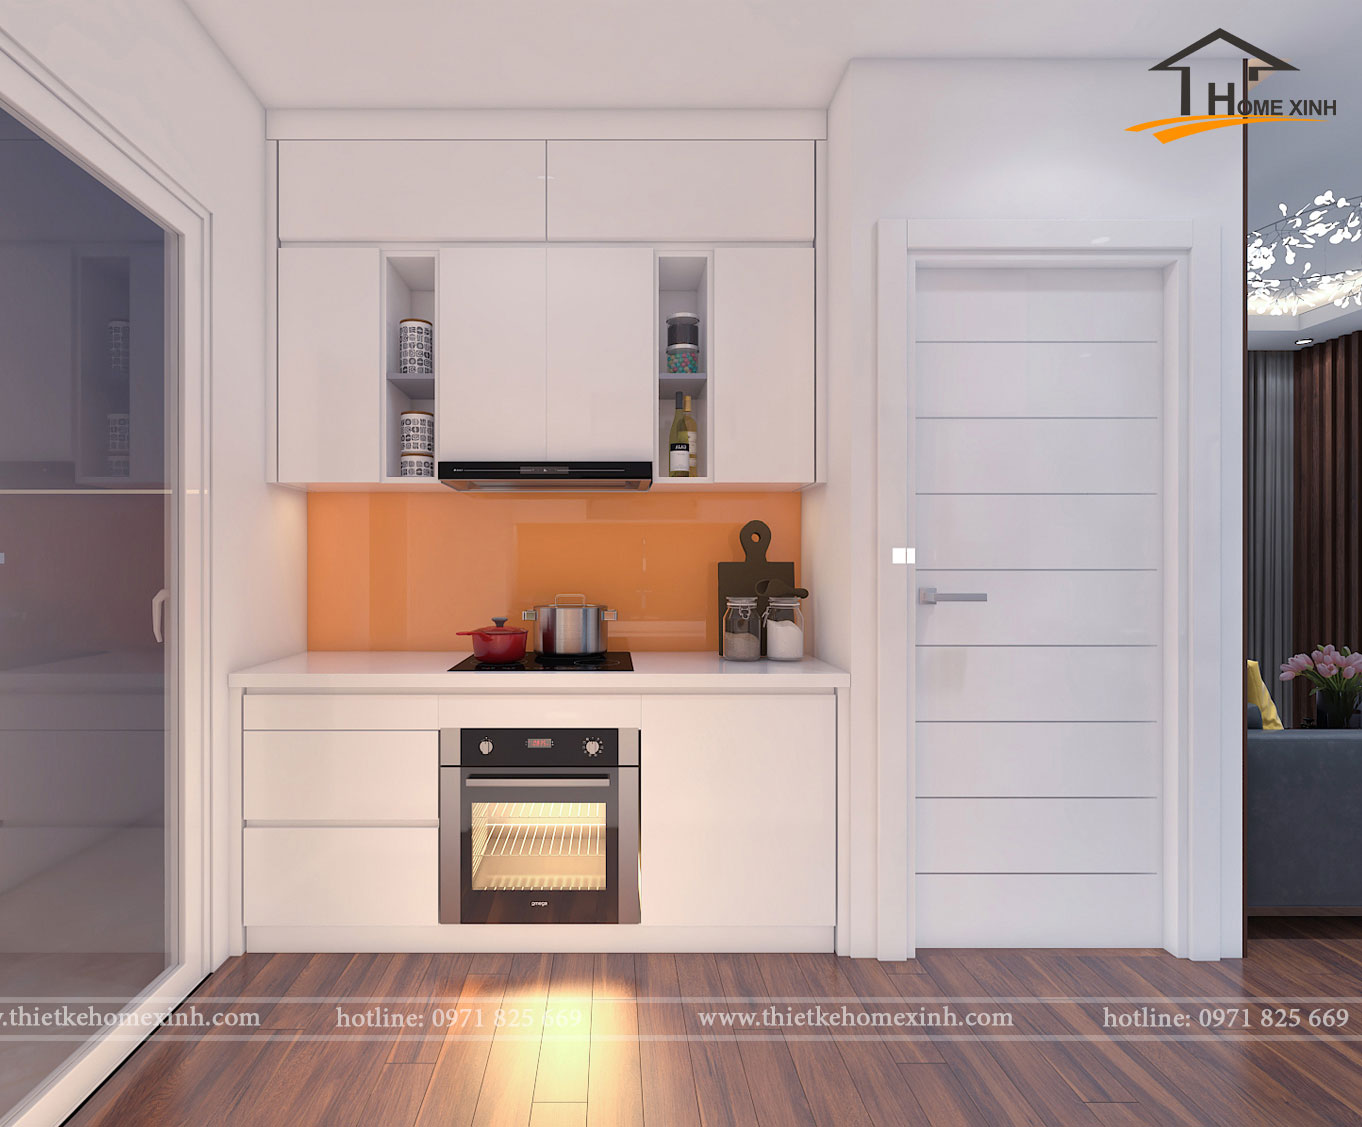 Phòng bếp căn 06 tòa A1 - ảnh 1